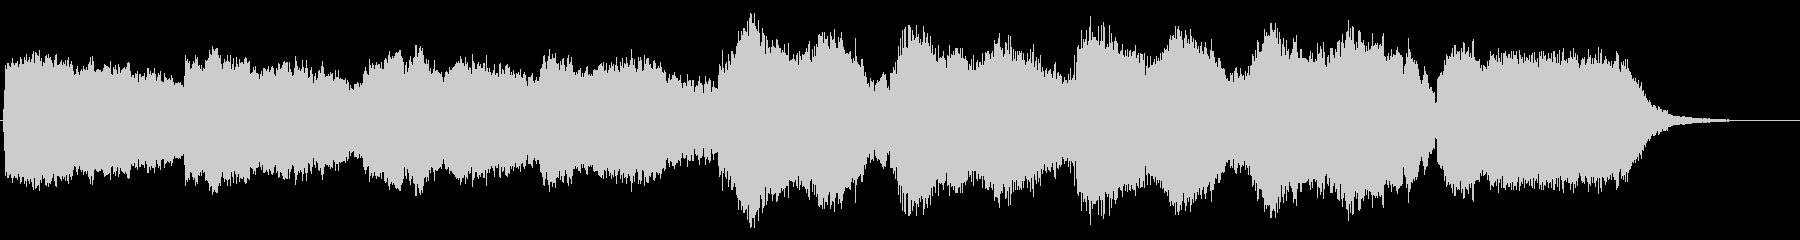 笛の響きが印象的な楽曲の未再生の波形